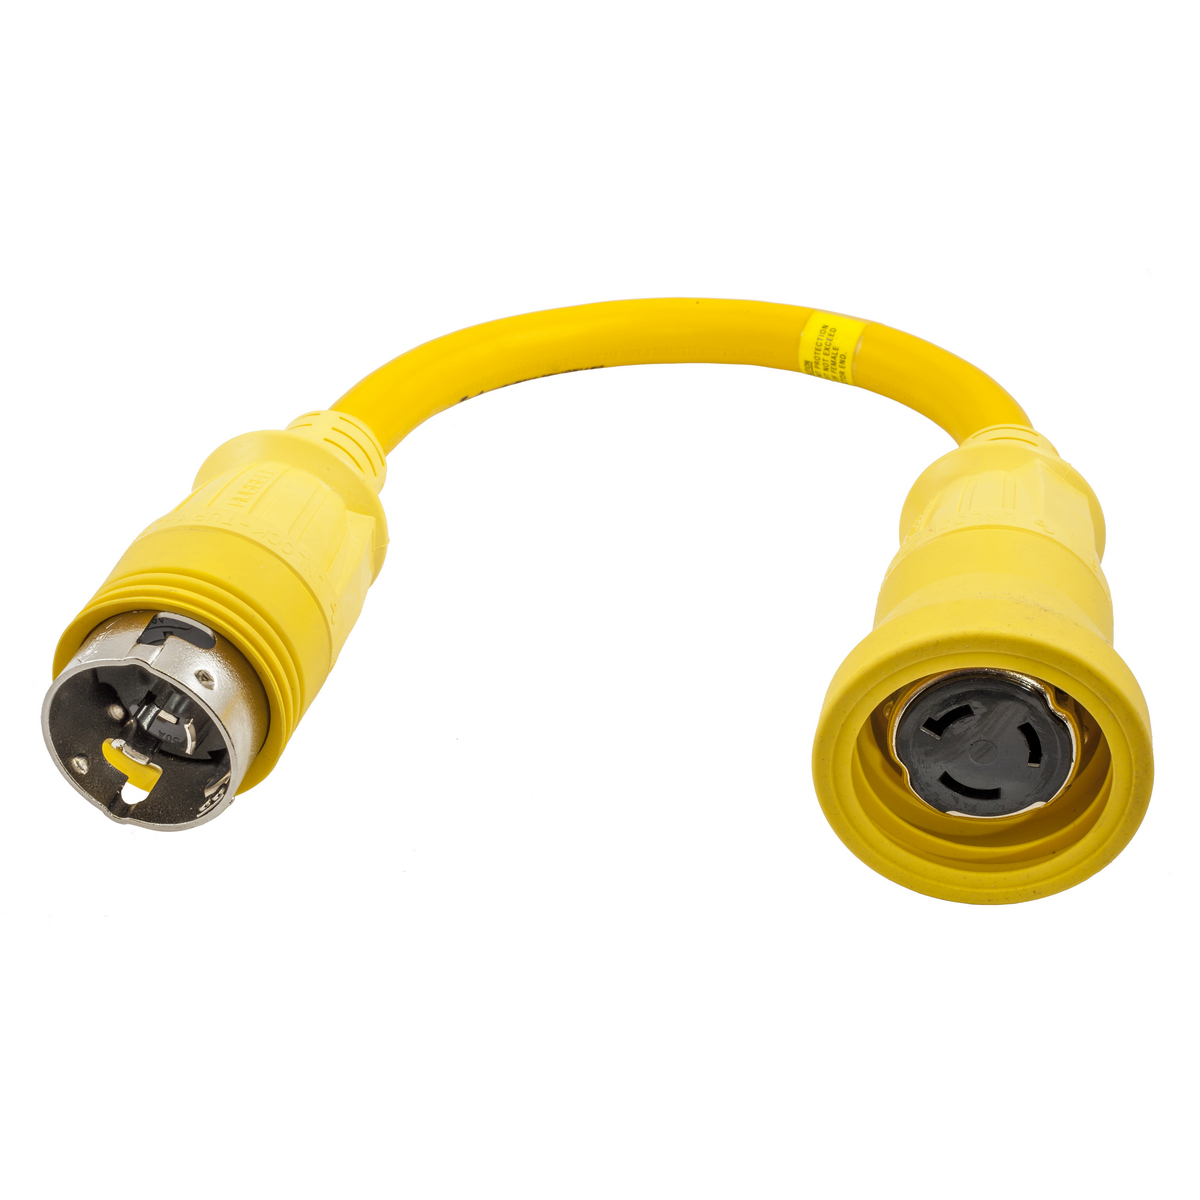 Hubbell HBL61CM72 Marine ADAPT, STR, YL, 50A L TO 50A 4W L